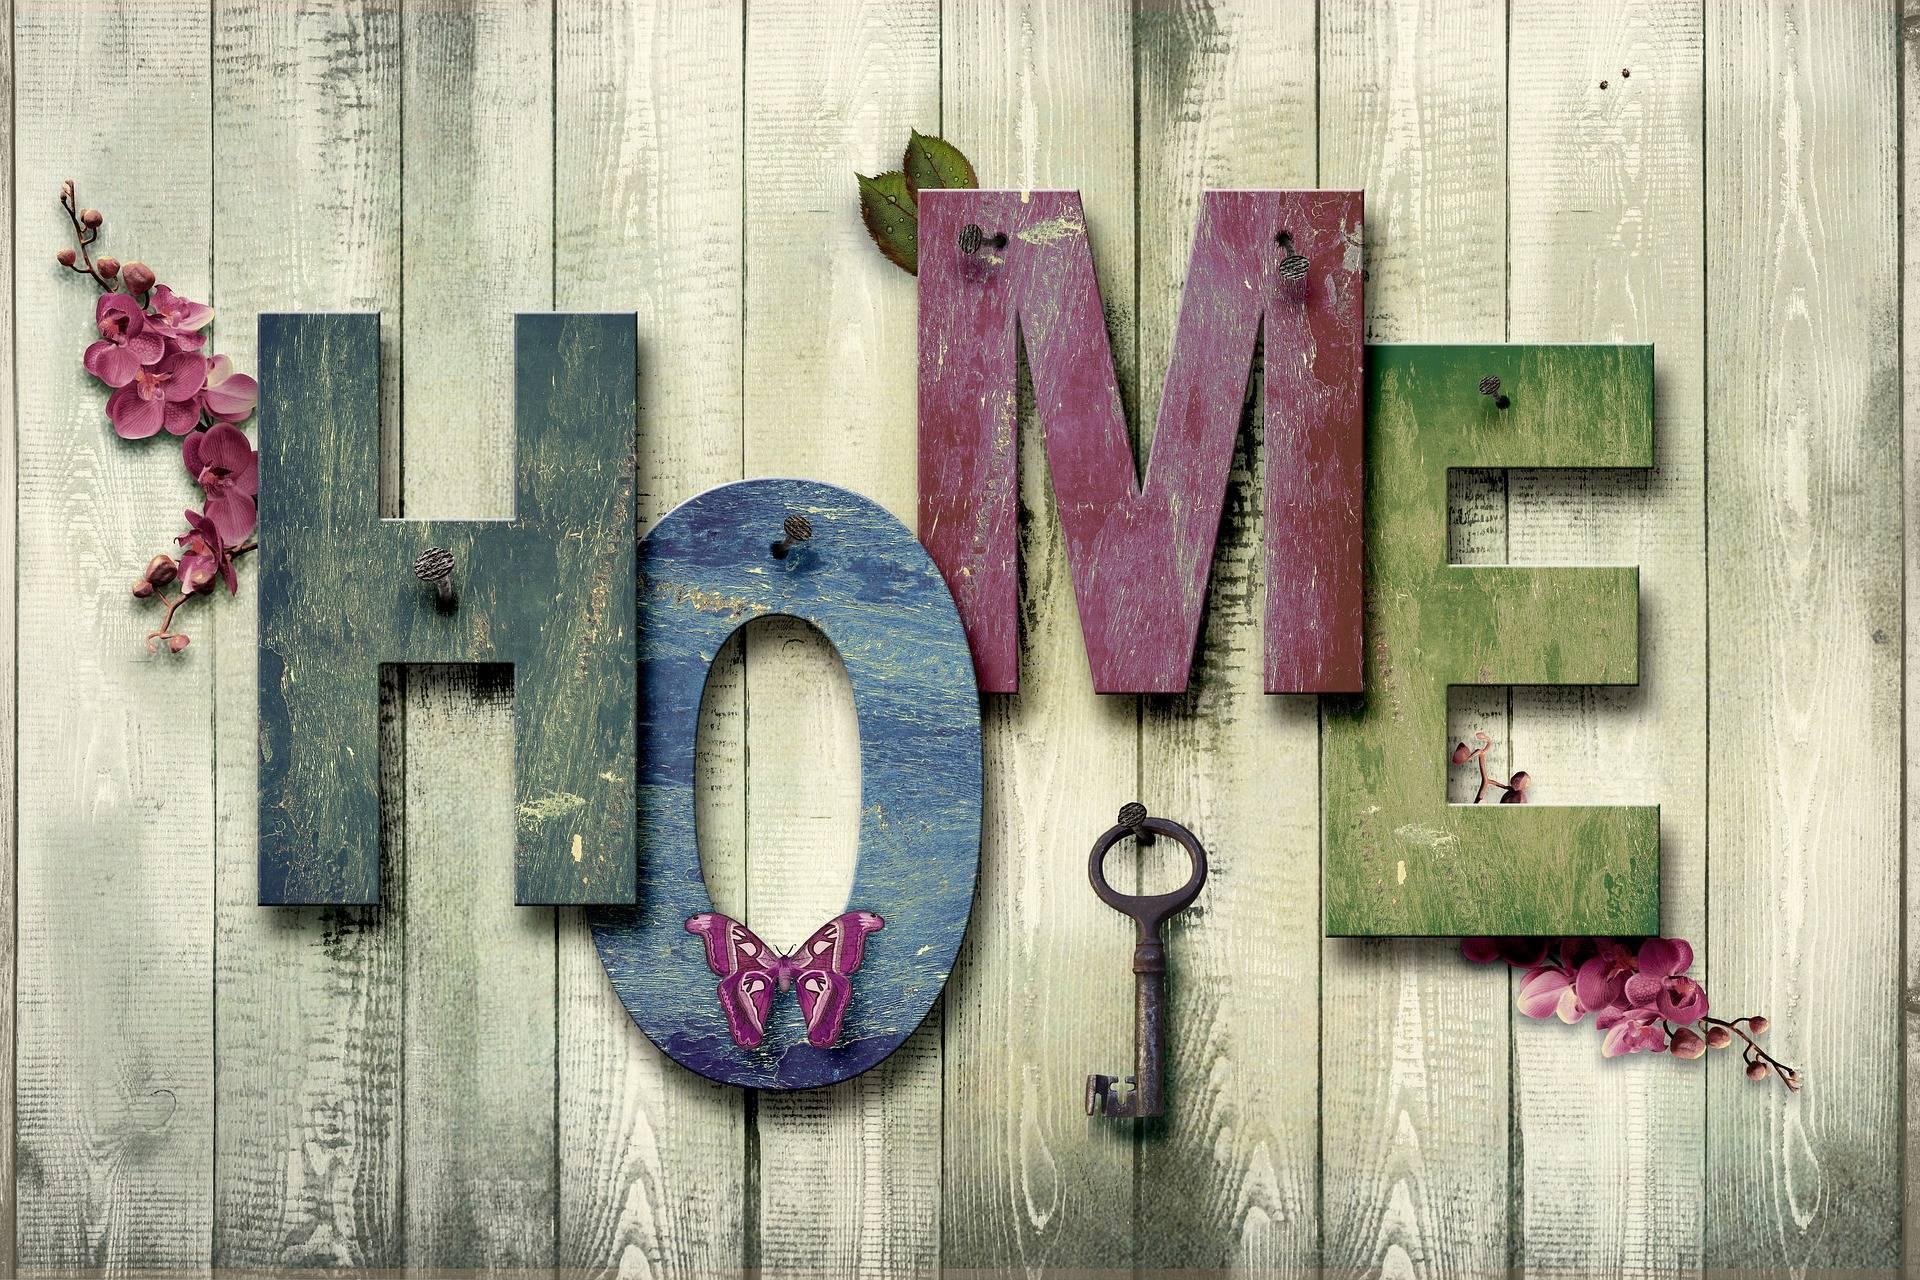 3abf23533de0672ddd9c_home_on_wall_with_key_-2194174_1920.jpg